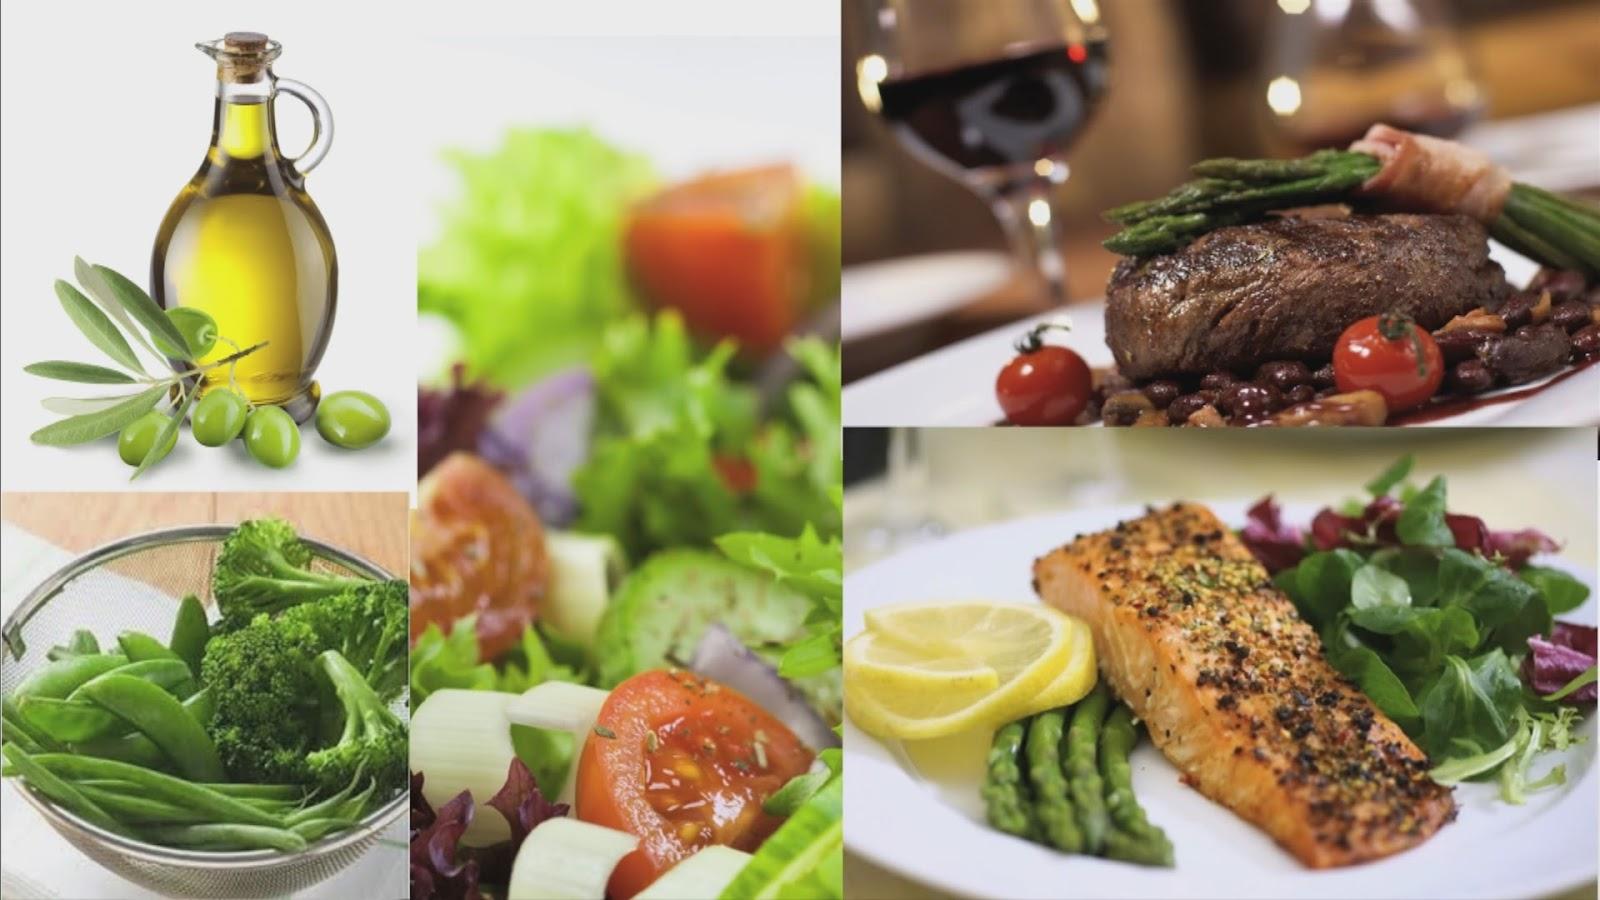 revisiones de entrega de comida de dieta keto